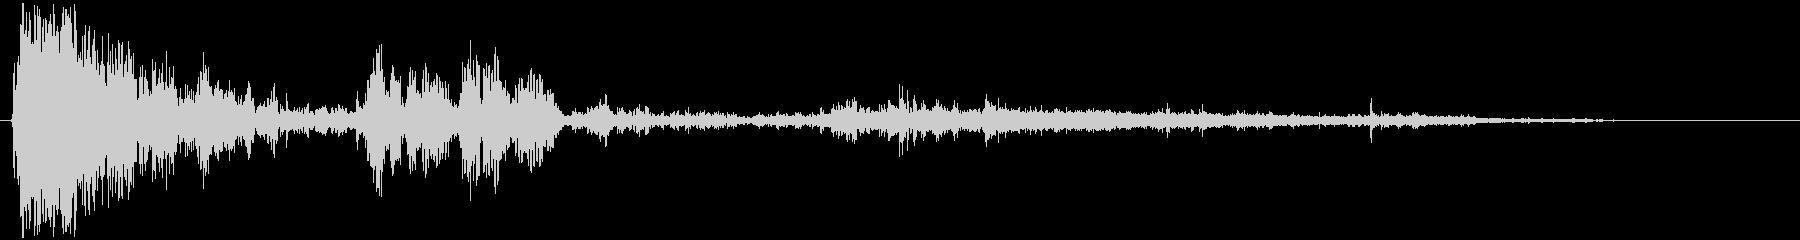 メタリックパイルアップの未再生の波形